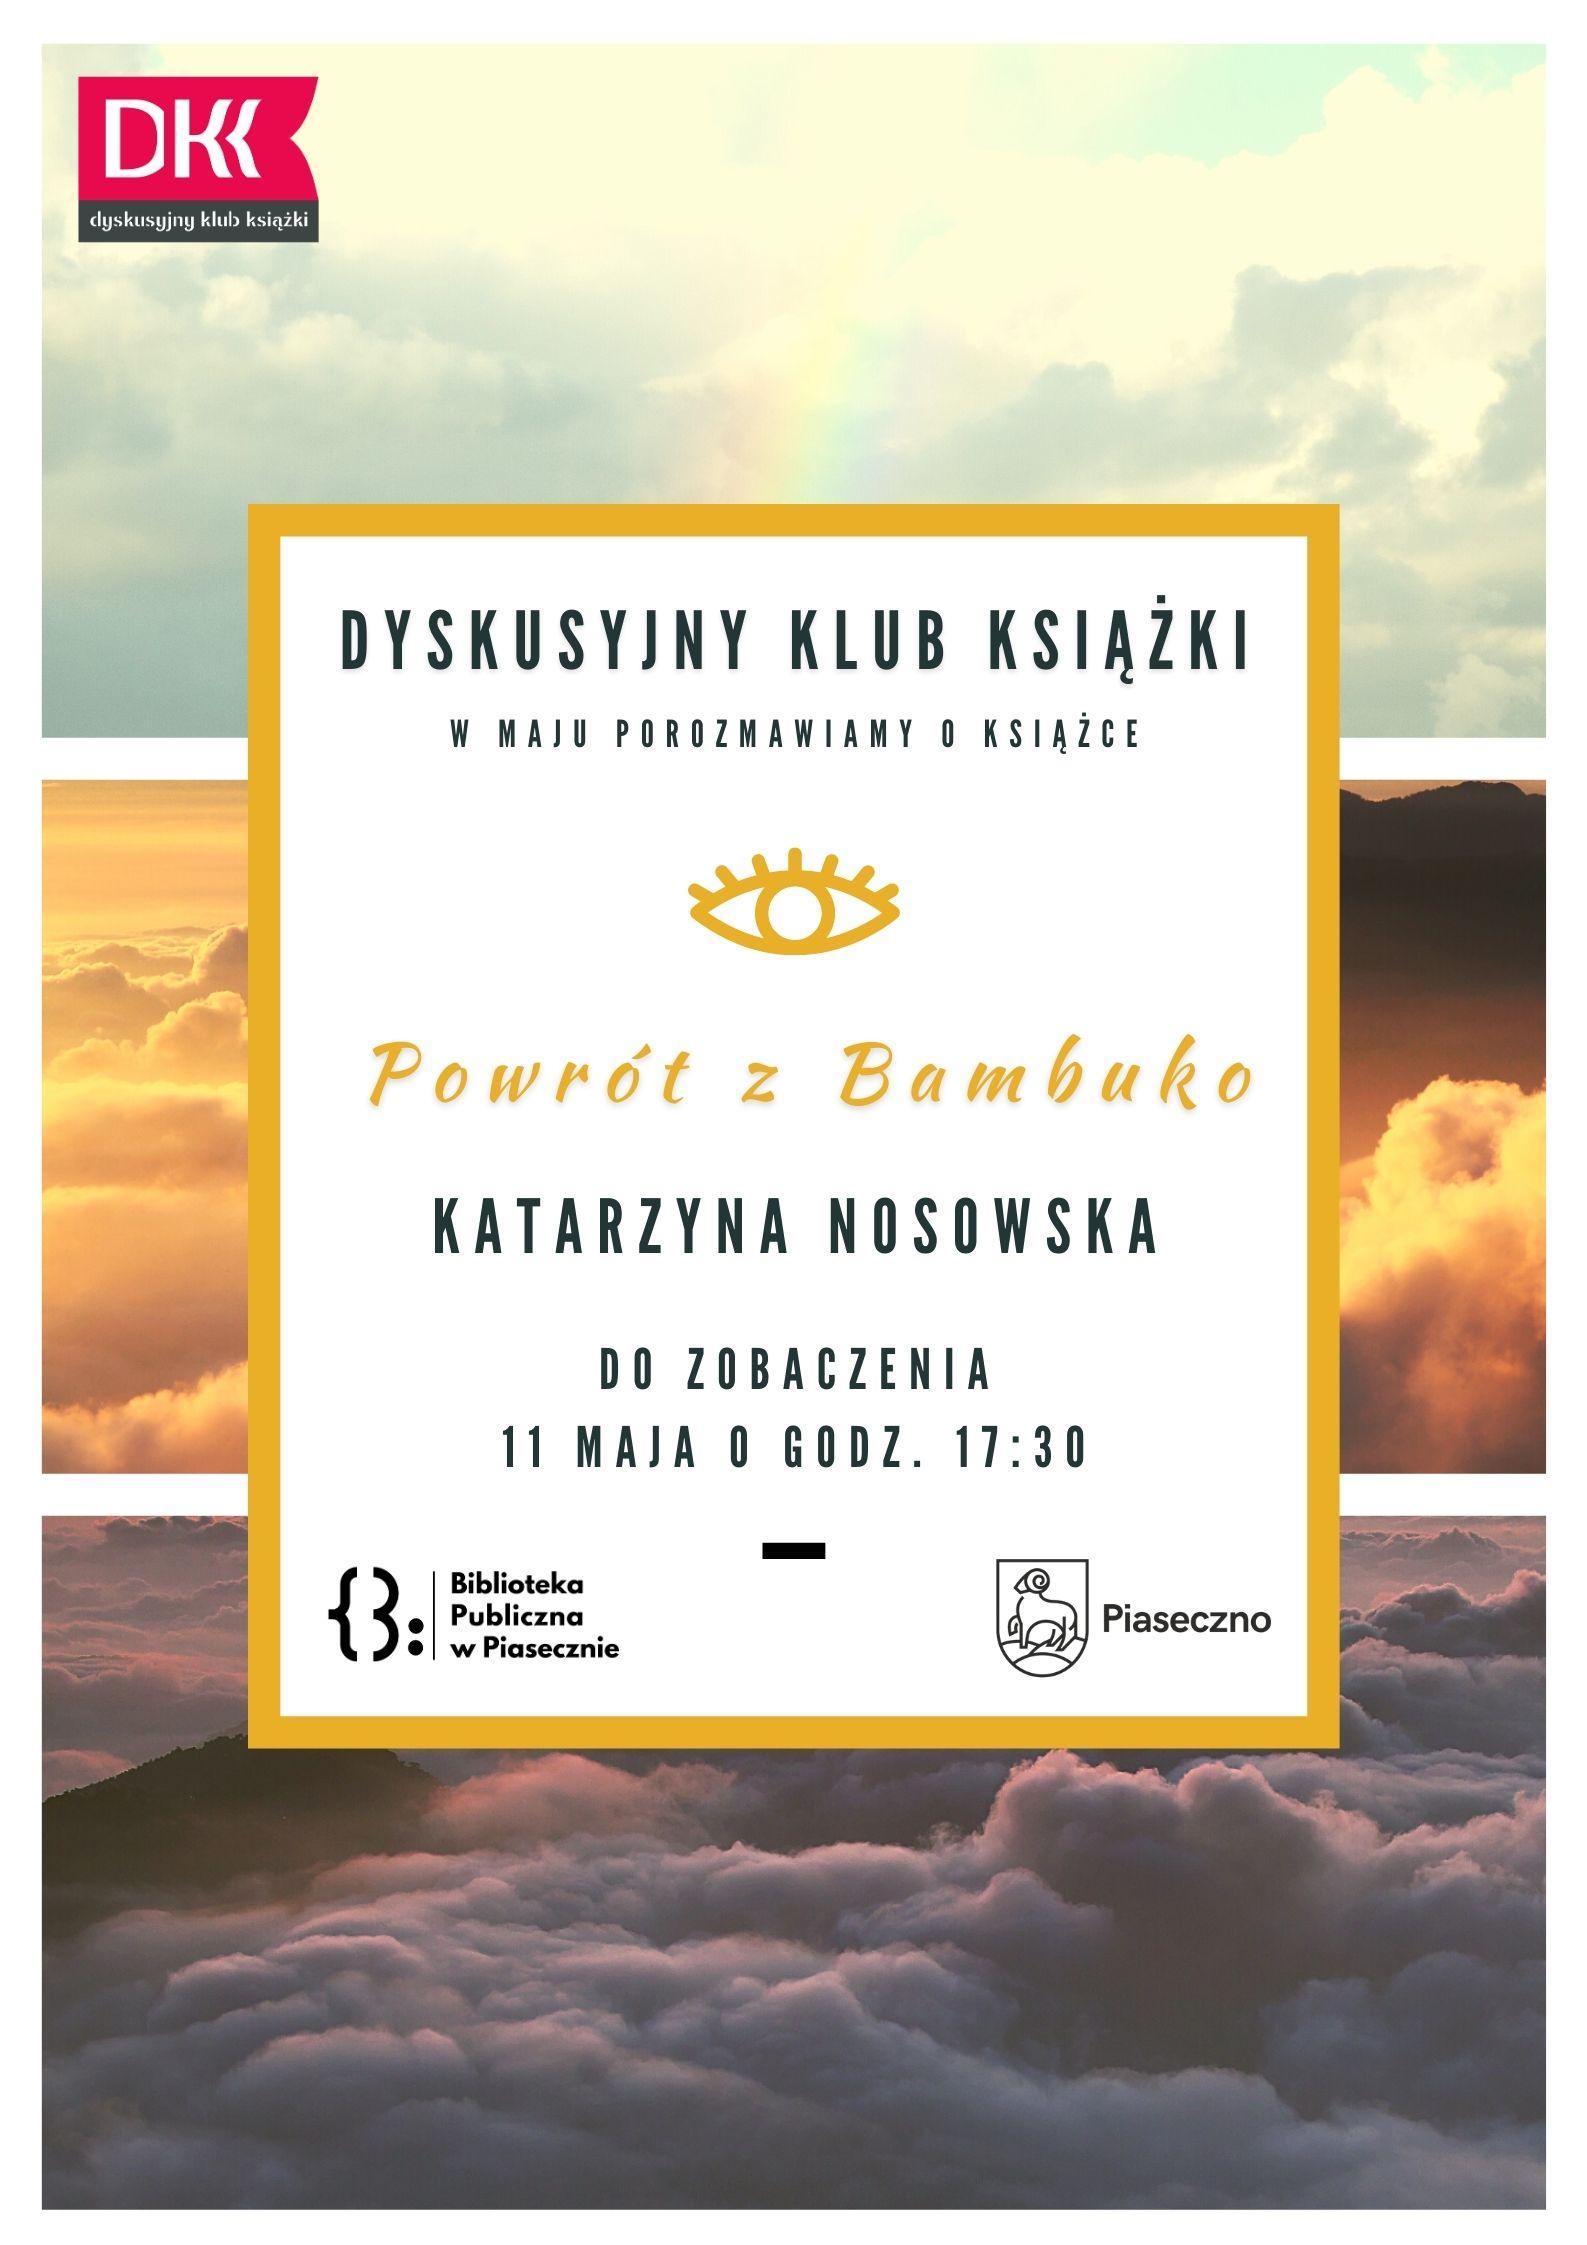 Plakat informujący o spotkaniu DKK w majuPlakat informujący o spotkaniu DKK w maju